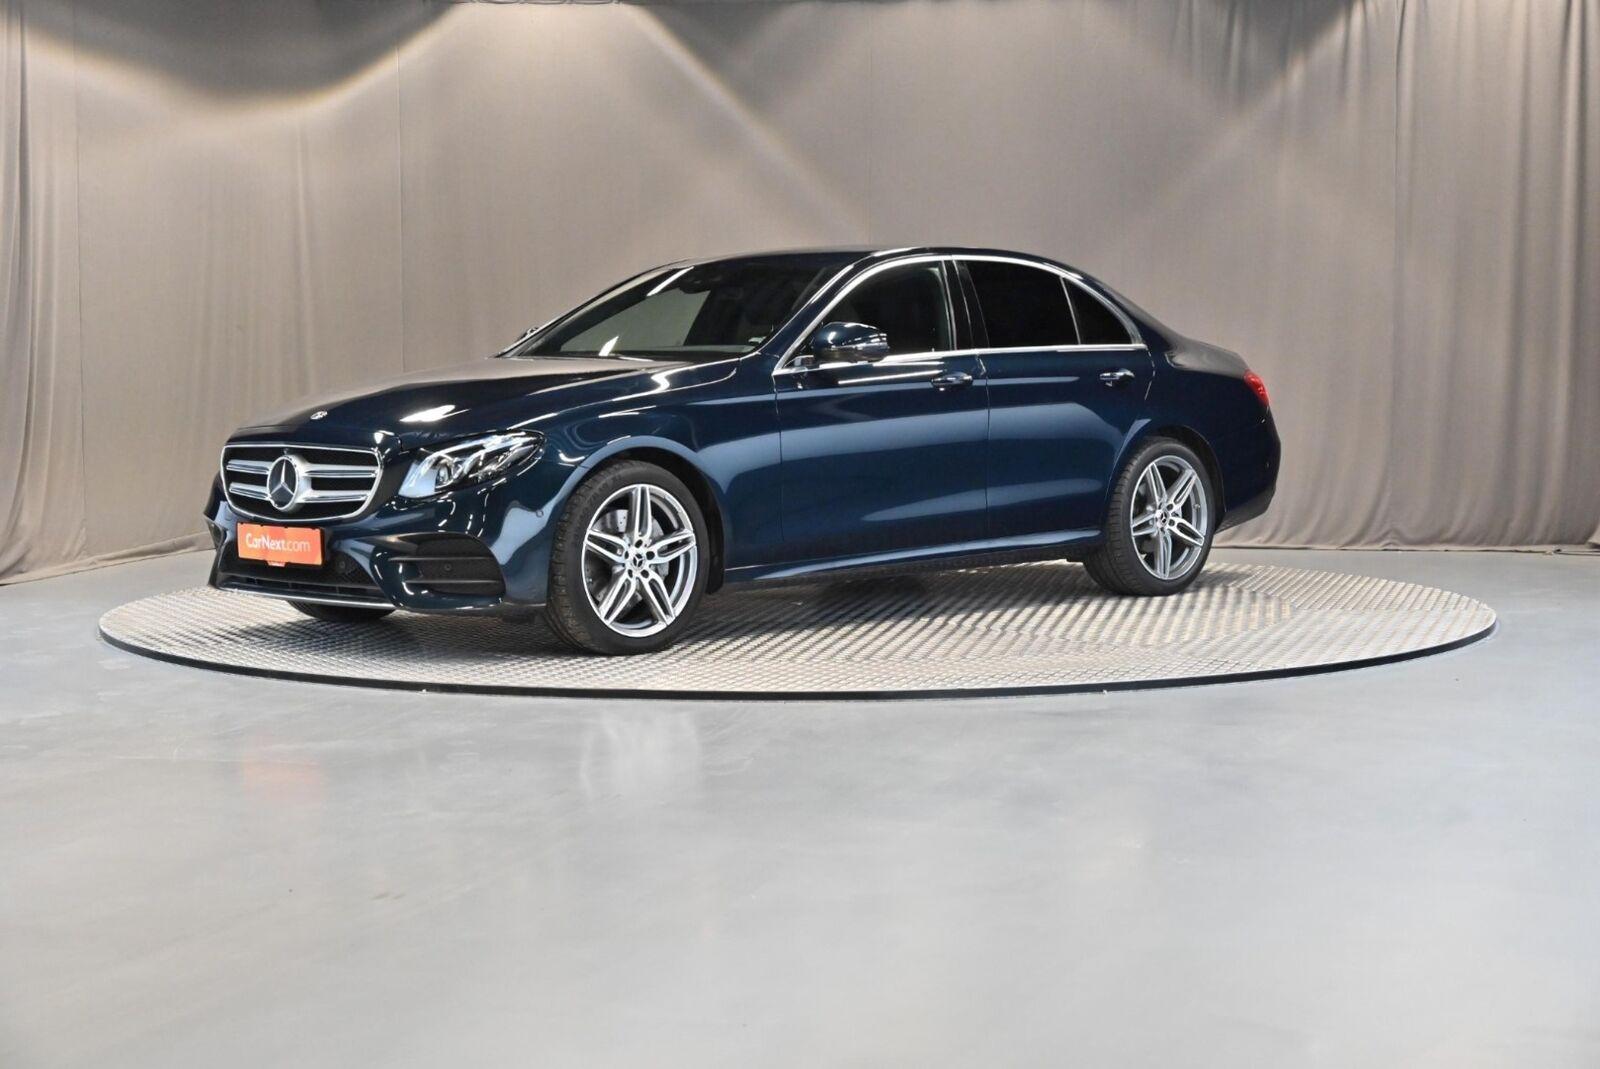 Mercedes E220 d 2,0 AMG Line aut. 4d - 439.900 kr.